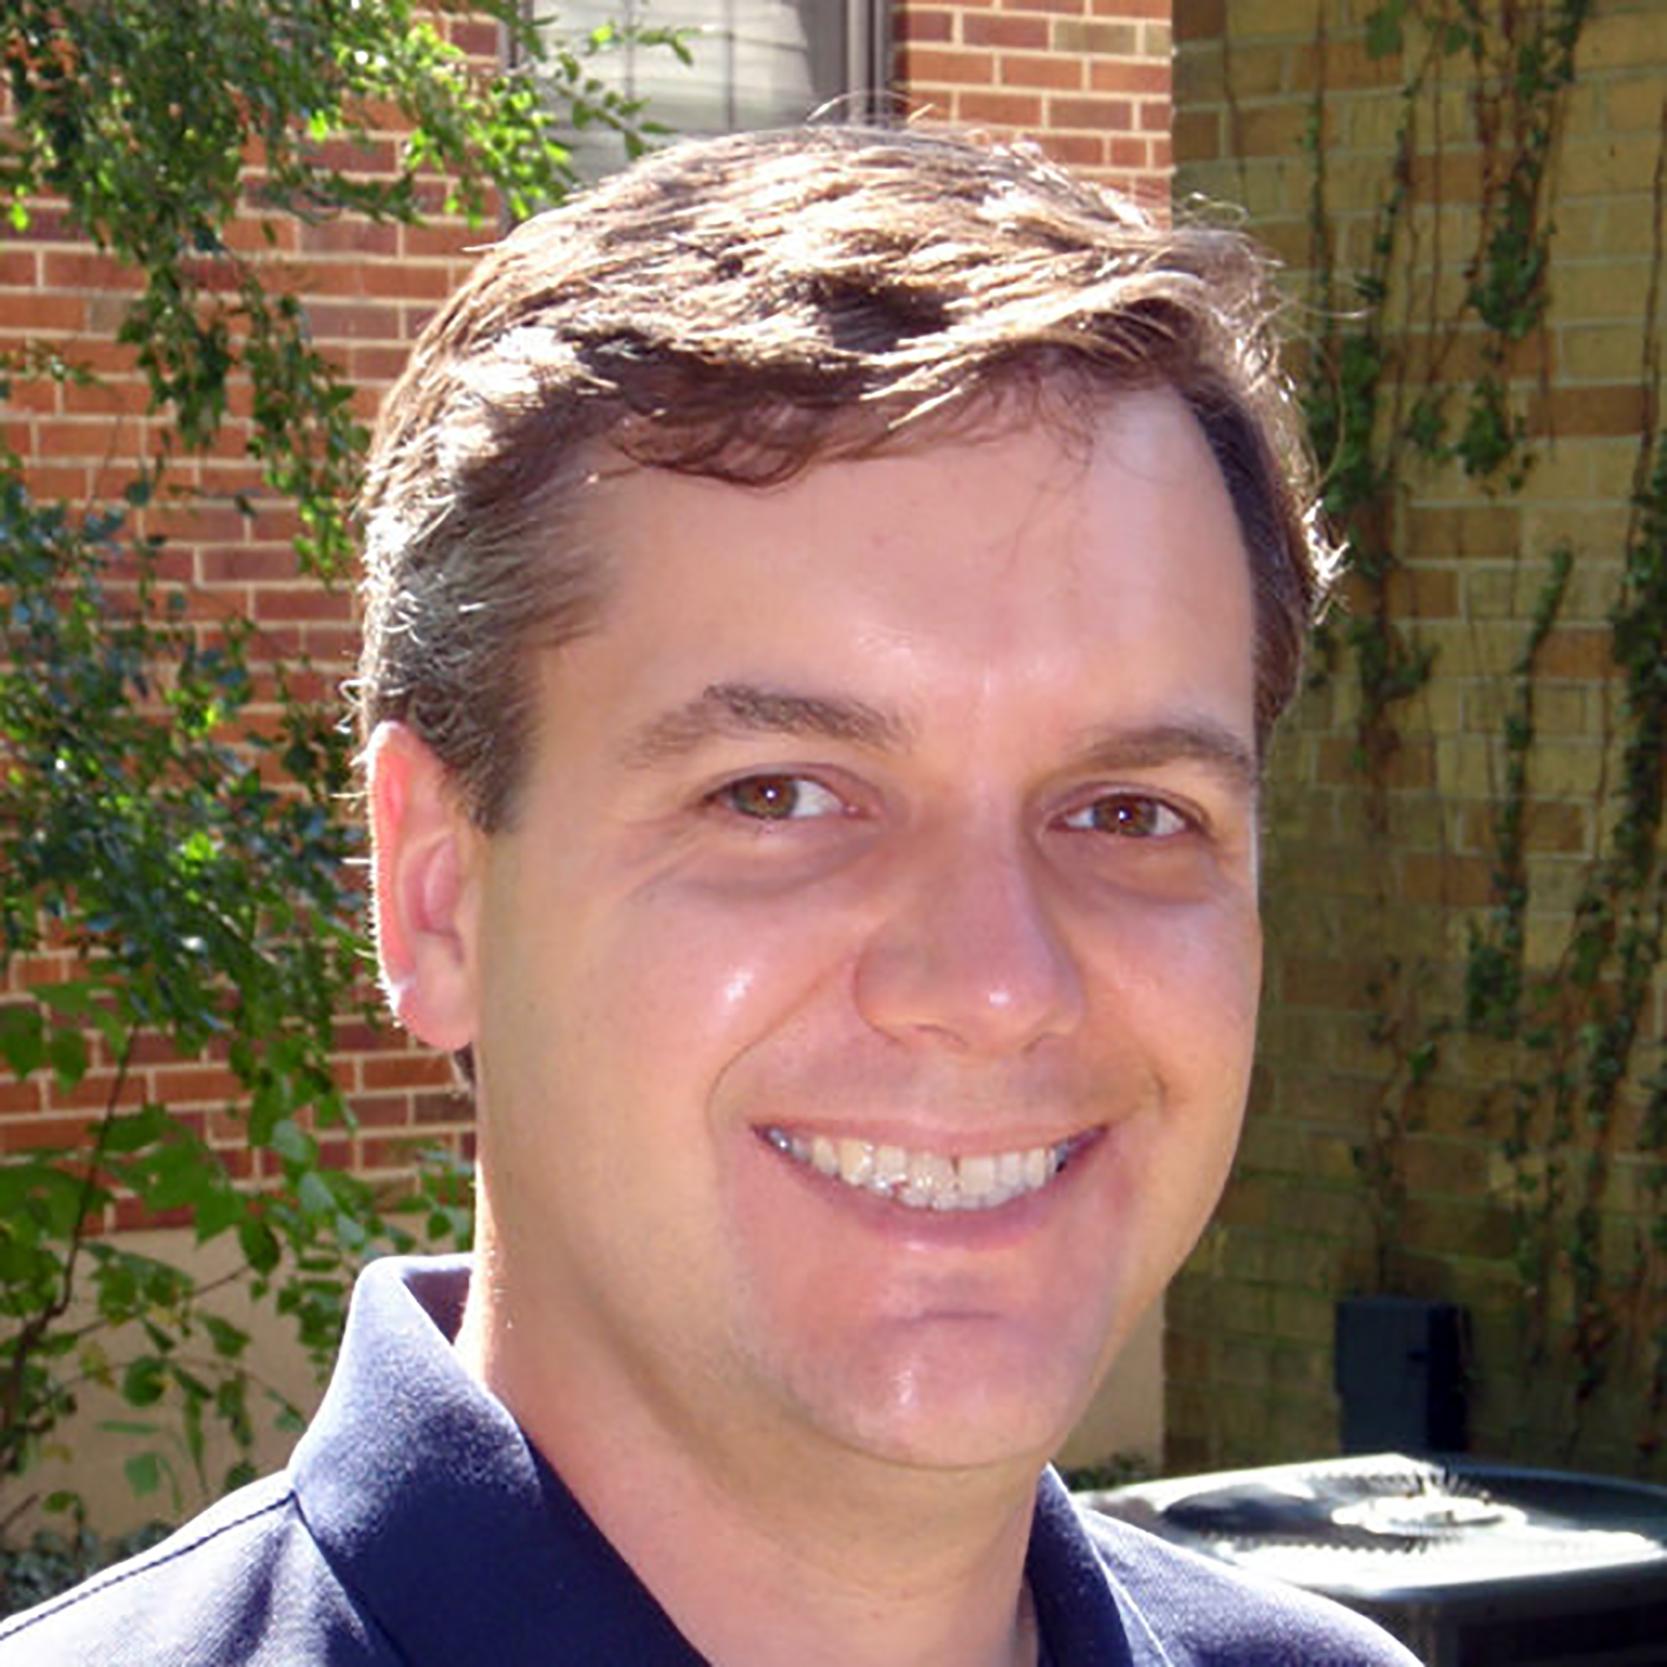 Andrew Czaja